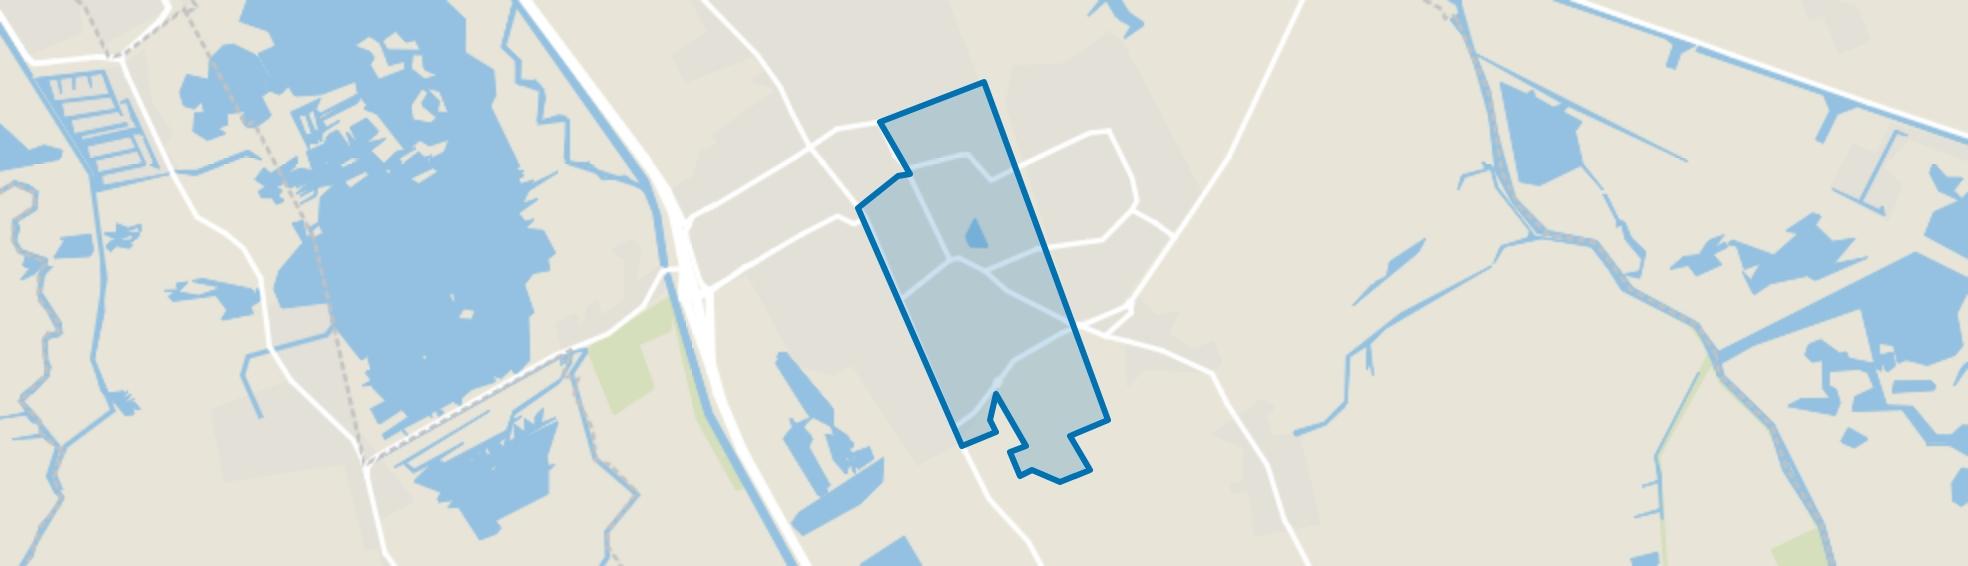 Haren-Zuidoost, Haren (GR) map